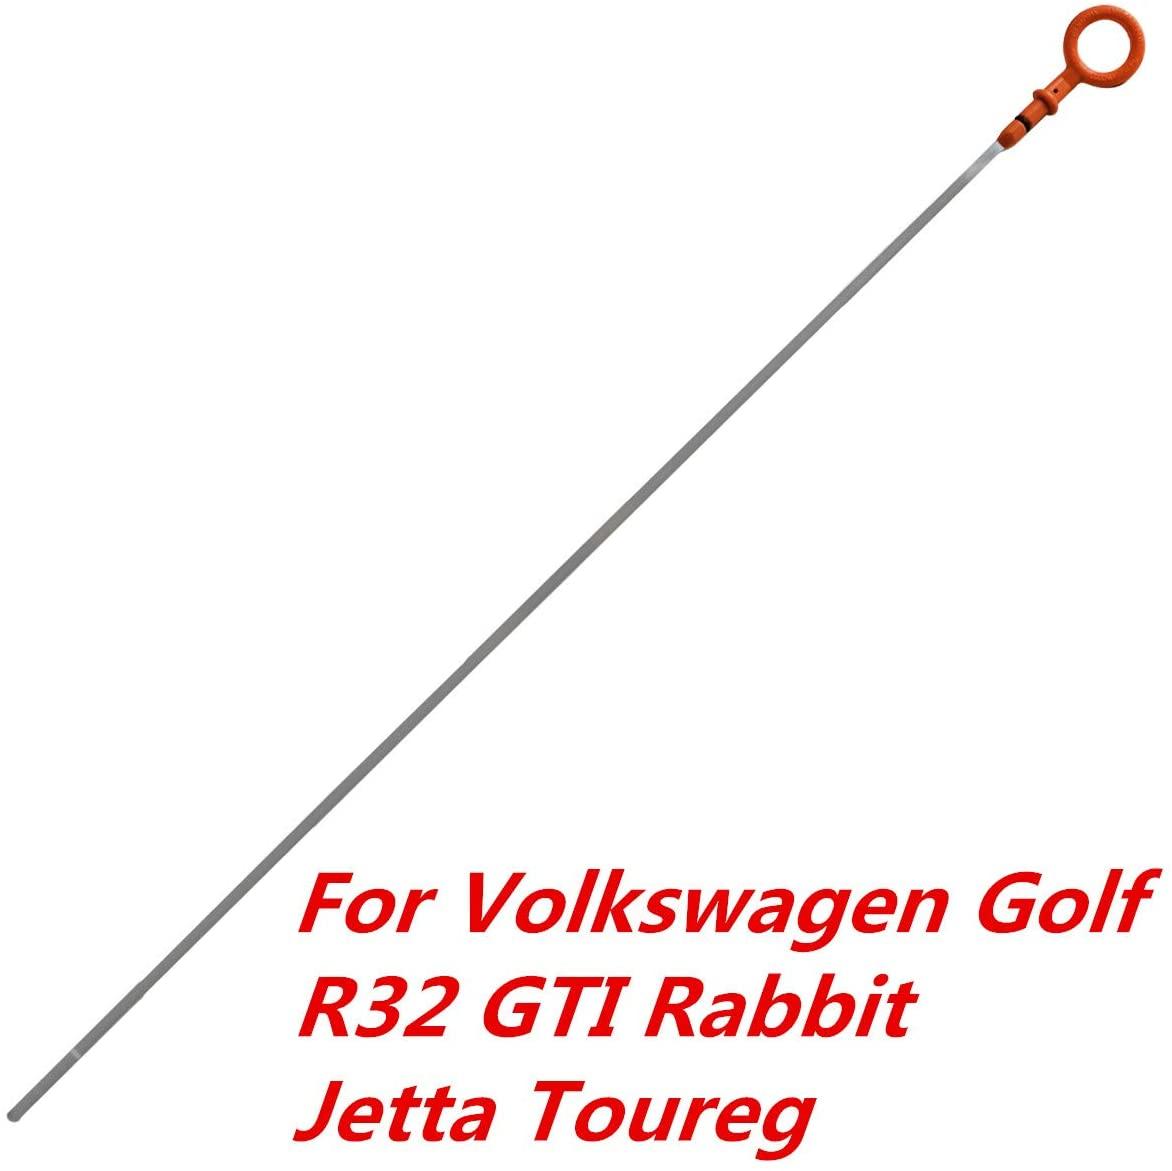 022115607D Engine Oil Checking Tool Oil Dipstick for Volkswagen Golf R32 GTI Rabbit Jetta Toureg 1J1 1J2 1J5